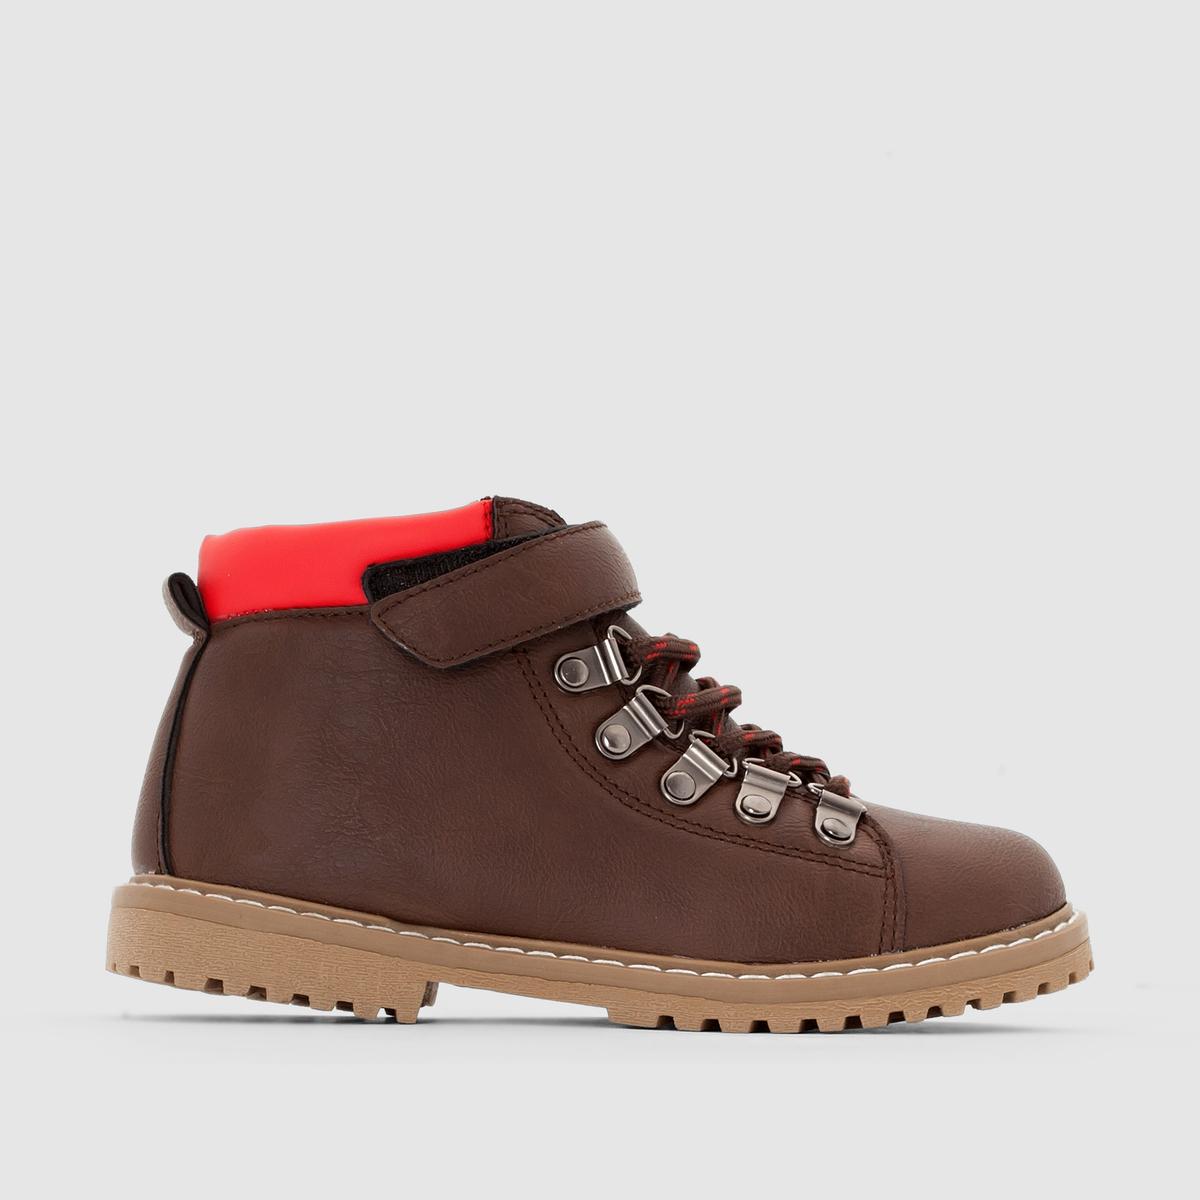 Ботинки горныеБотинки для походов, внушающие солидность, со шнуровкой и планкой-велкро для отличной фиксации и посадки и стеганный контрастный верх, придающий им комфорт и стиль: ботинки для любых поверхностей идеальны для наших маленьких непосед !<br><br>Цвет: серо-коричневый<br>Размер: 28